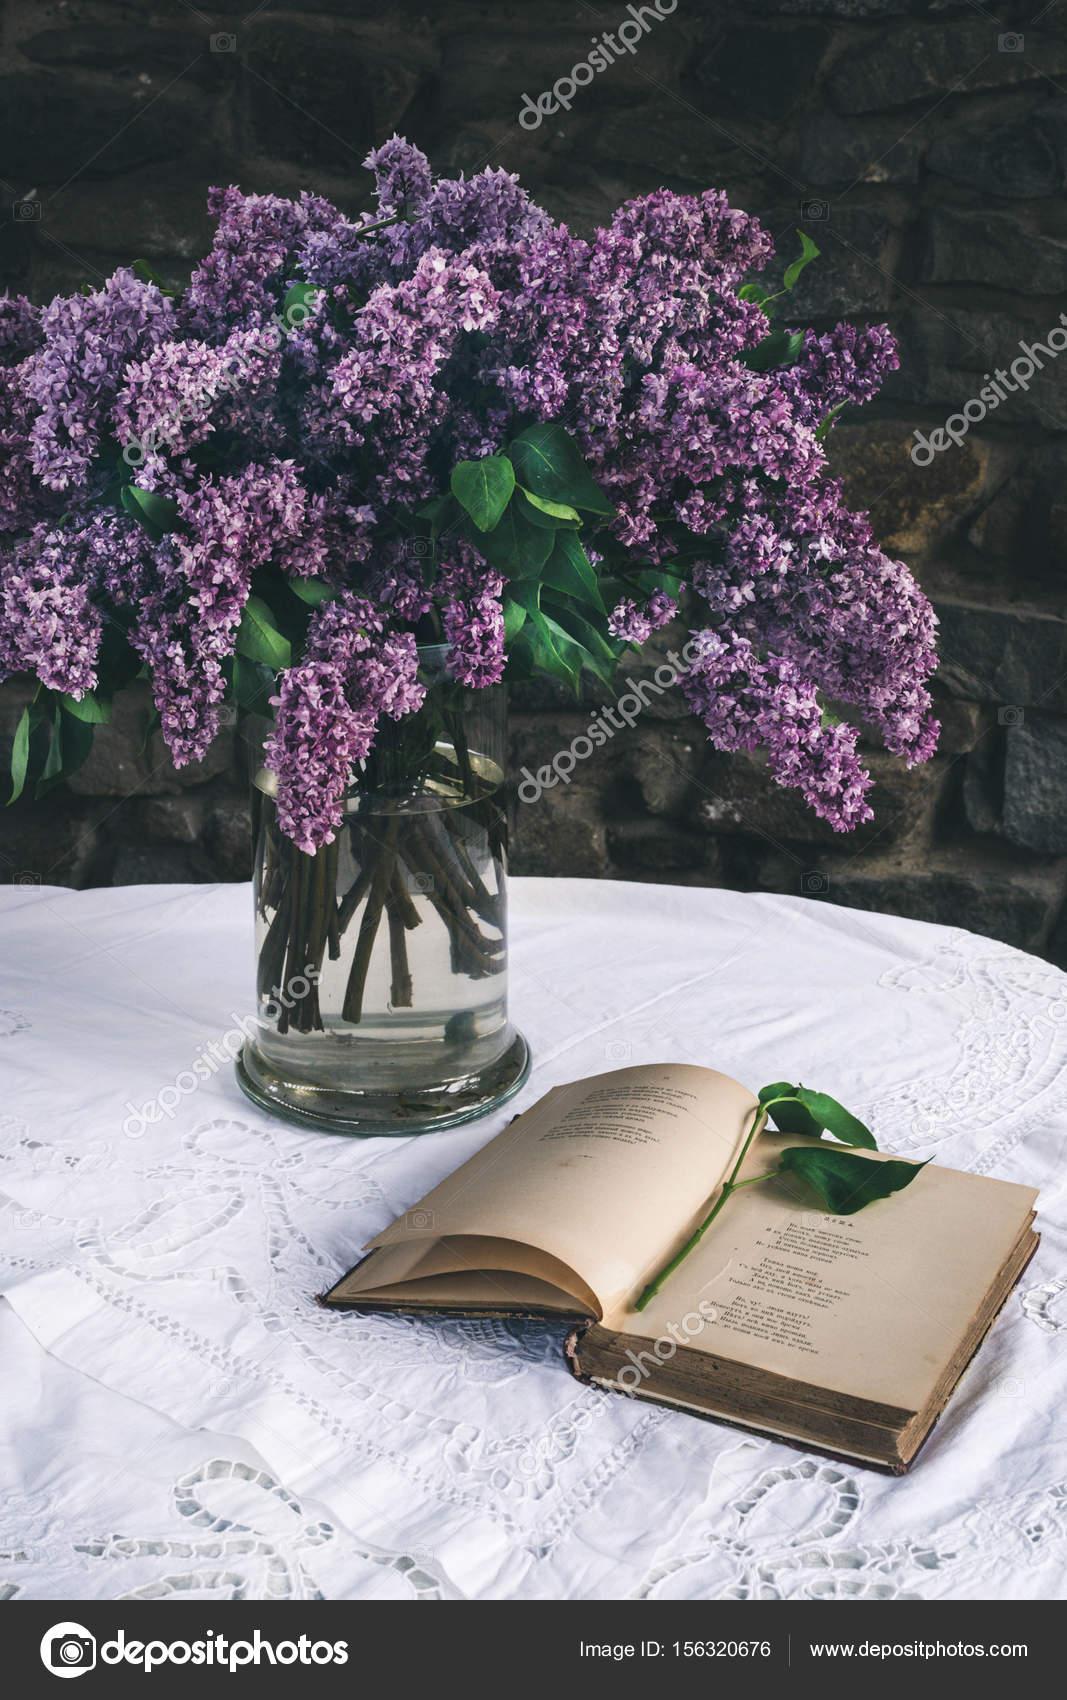 sch ne komposition mit alten buch und duft von flieder in der vase auf wei en vintage spitze. Black Bedroom Furniture Sets. Home Design Ideas